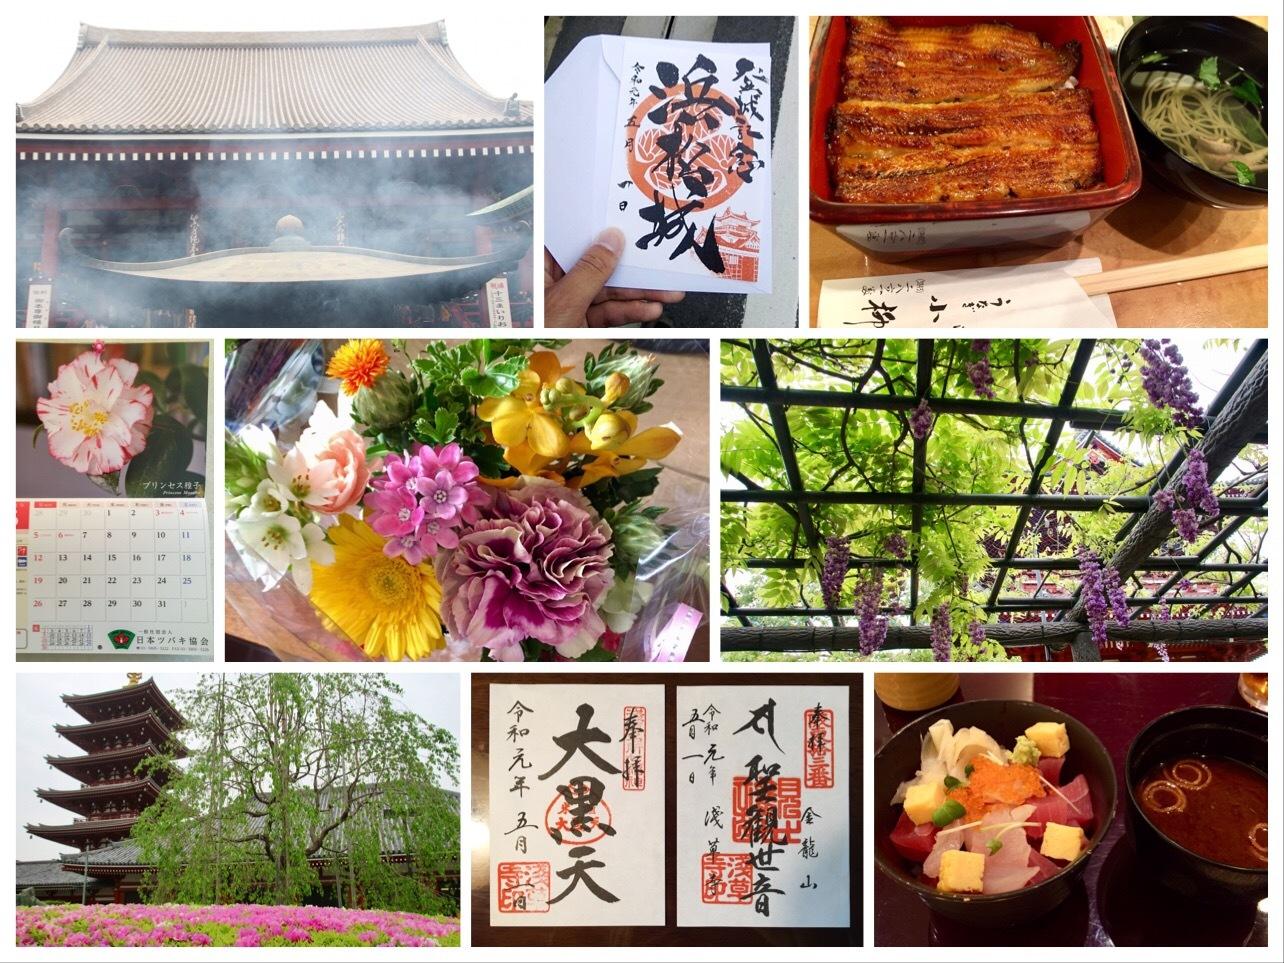 春バラのフェスティバル始まりました*旧古河庭園_c0037519_00503761.jpeg